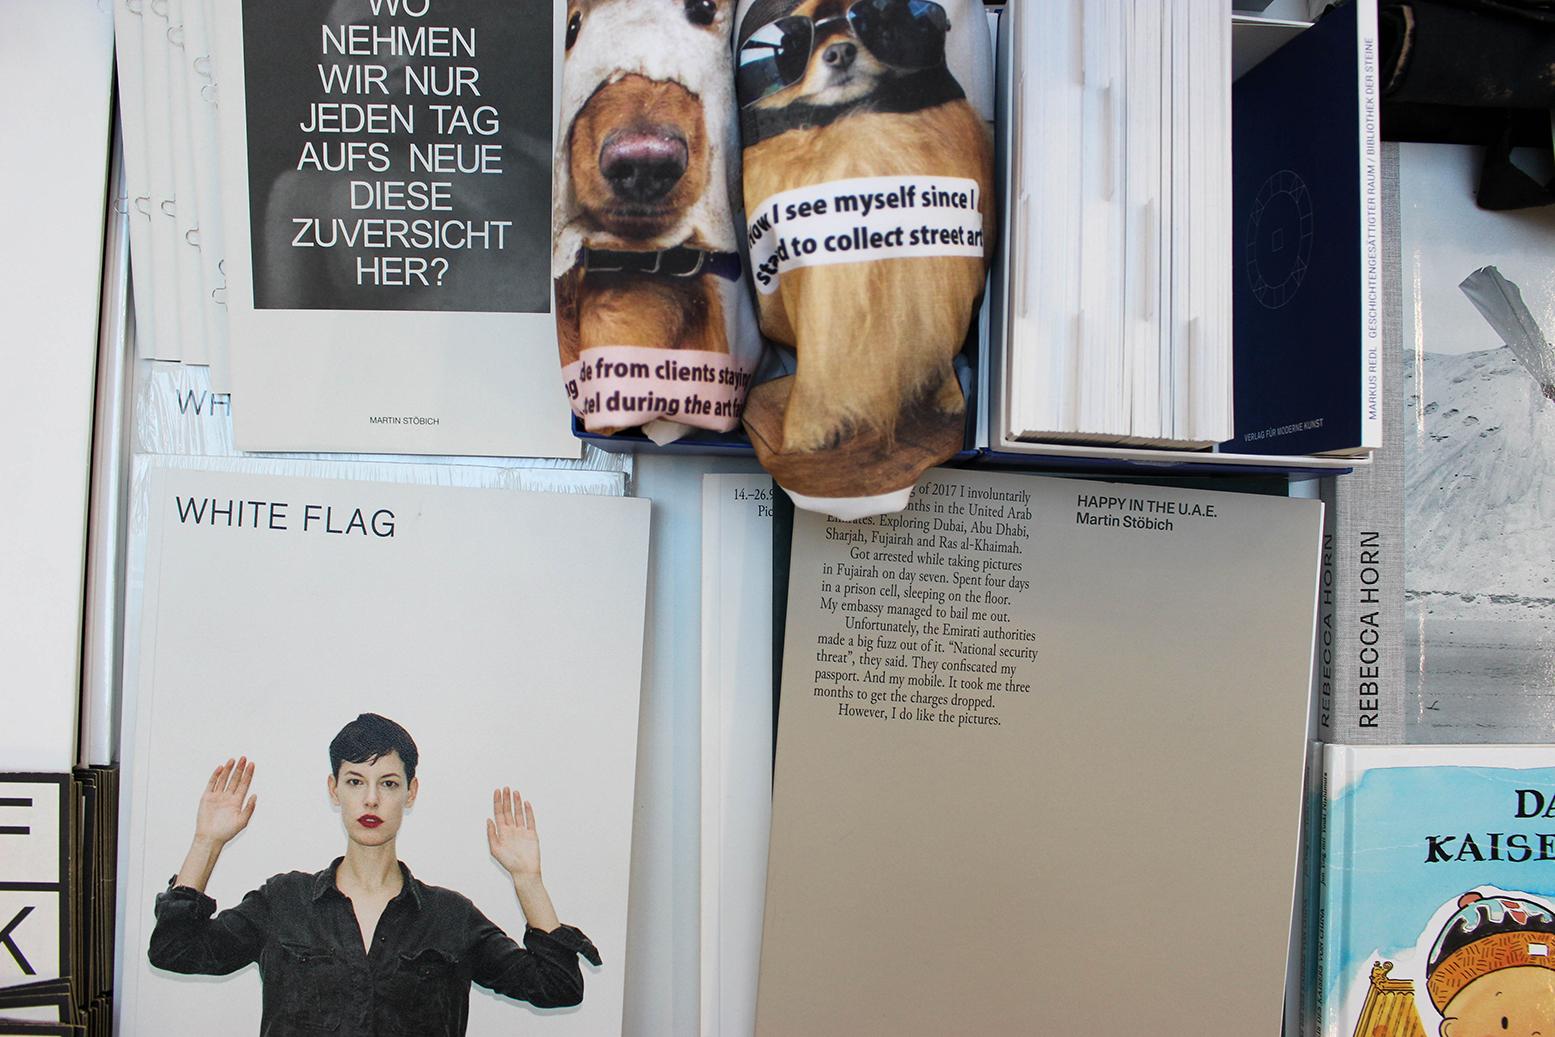 Verlag für moderne Kunst's table